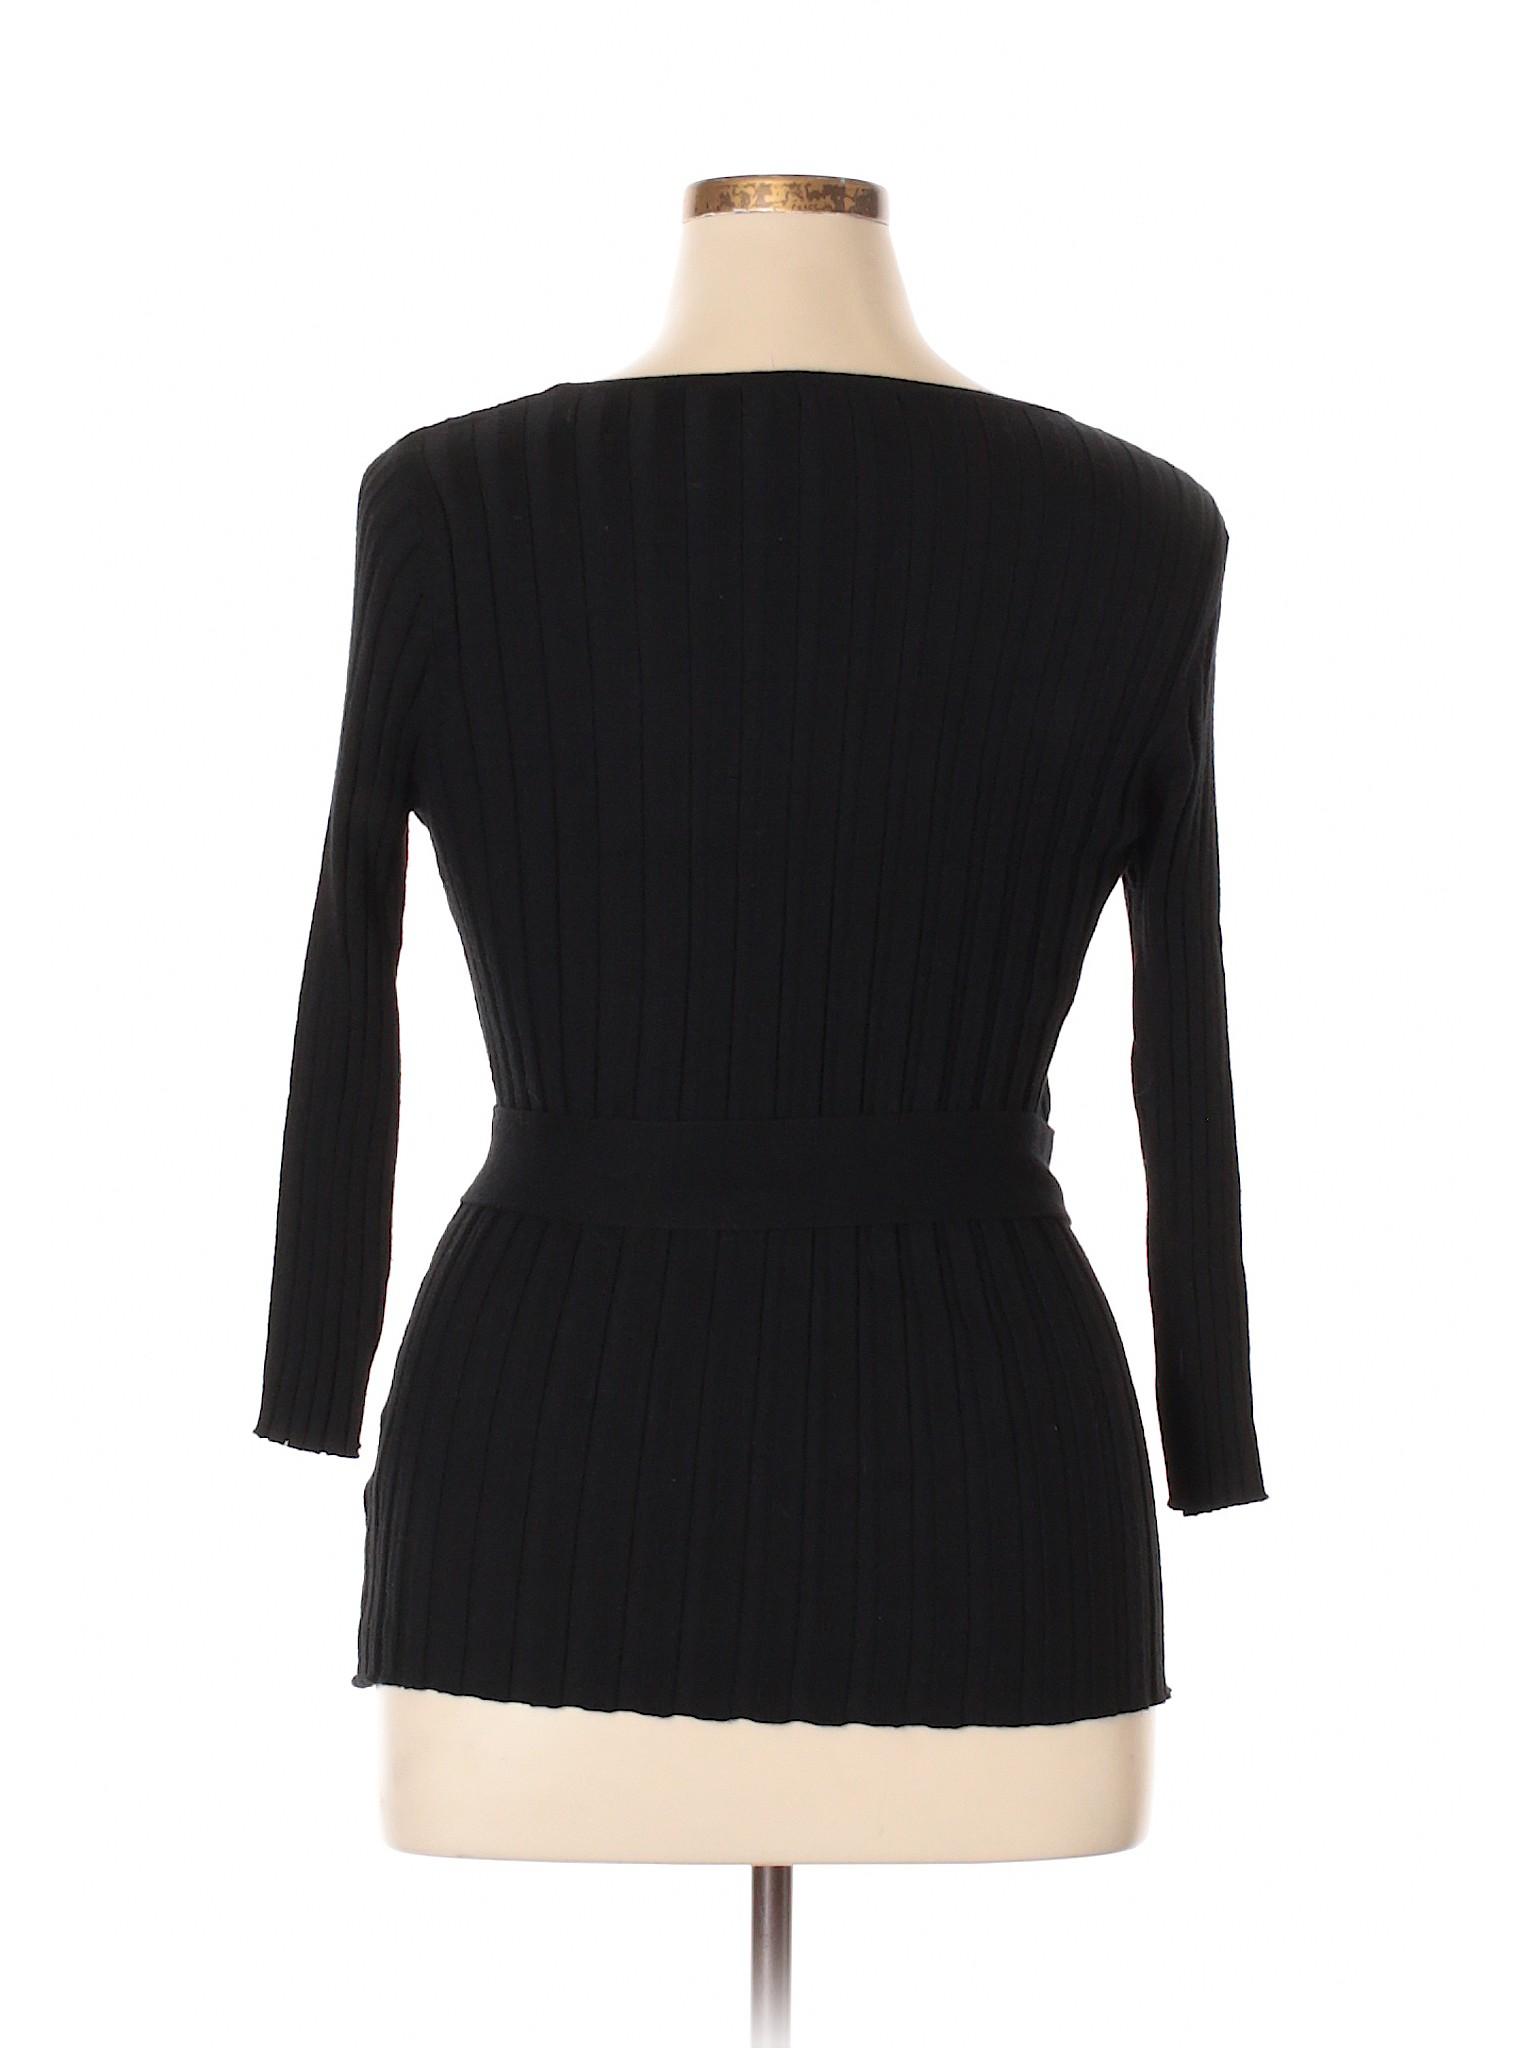 Pullover Boutique Pullover Boutique Sweater Boutique Adrienne Sweater Sweater Adrienne Vittadini Vittadini Boutique Pullover Adrienne Vittadini fgq5wS